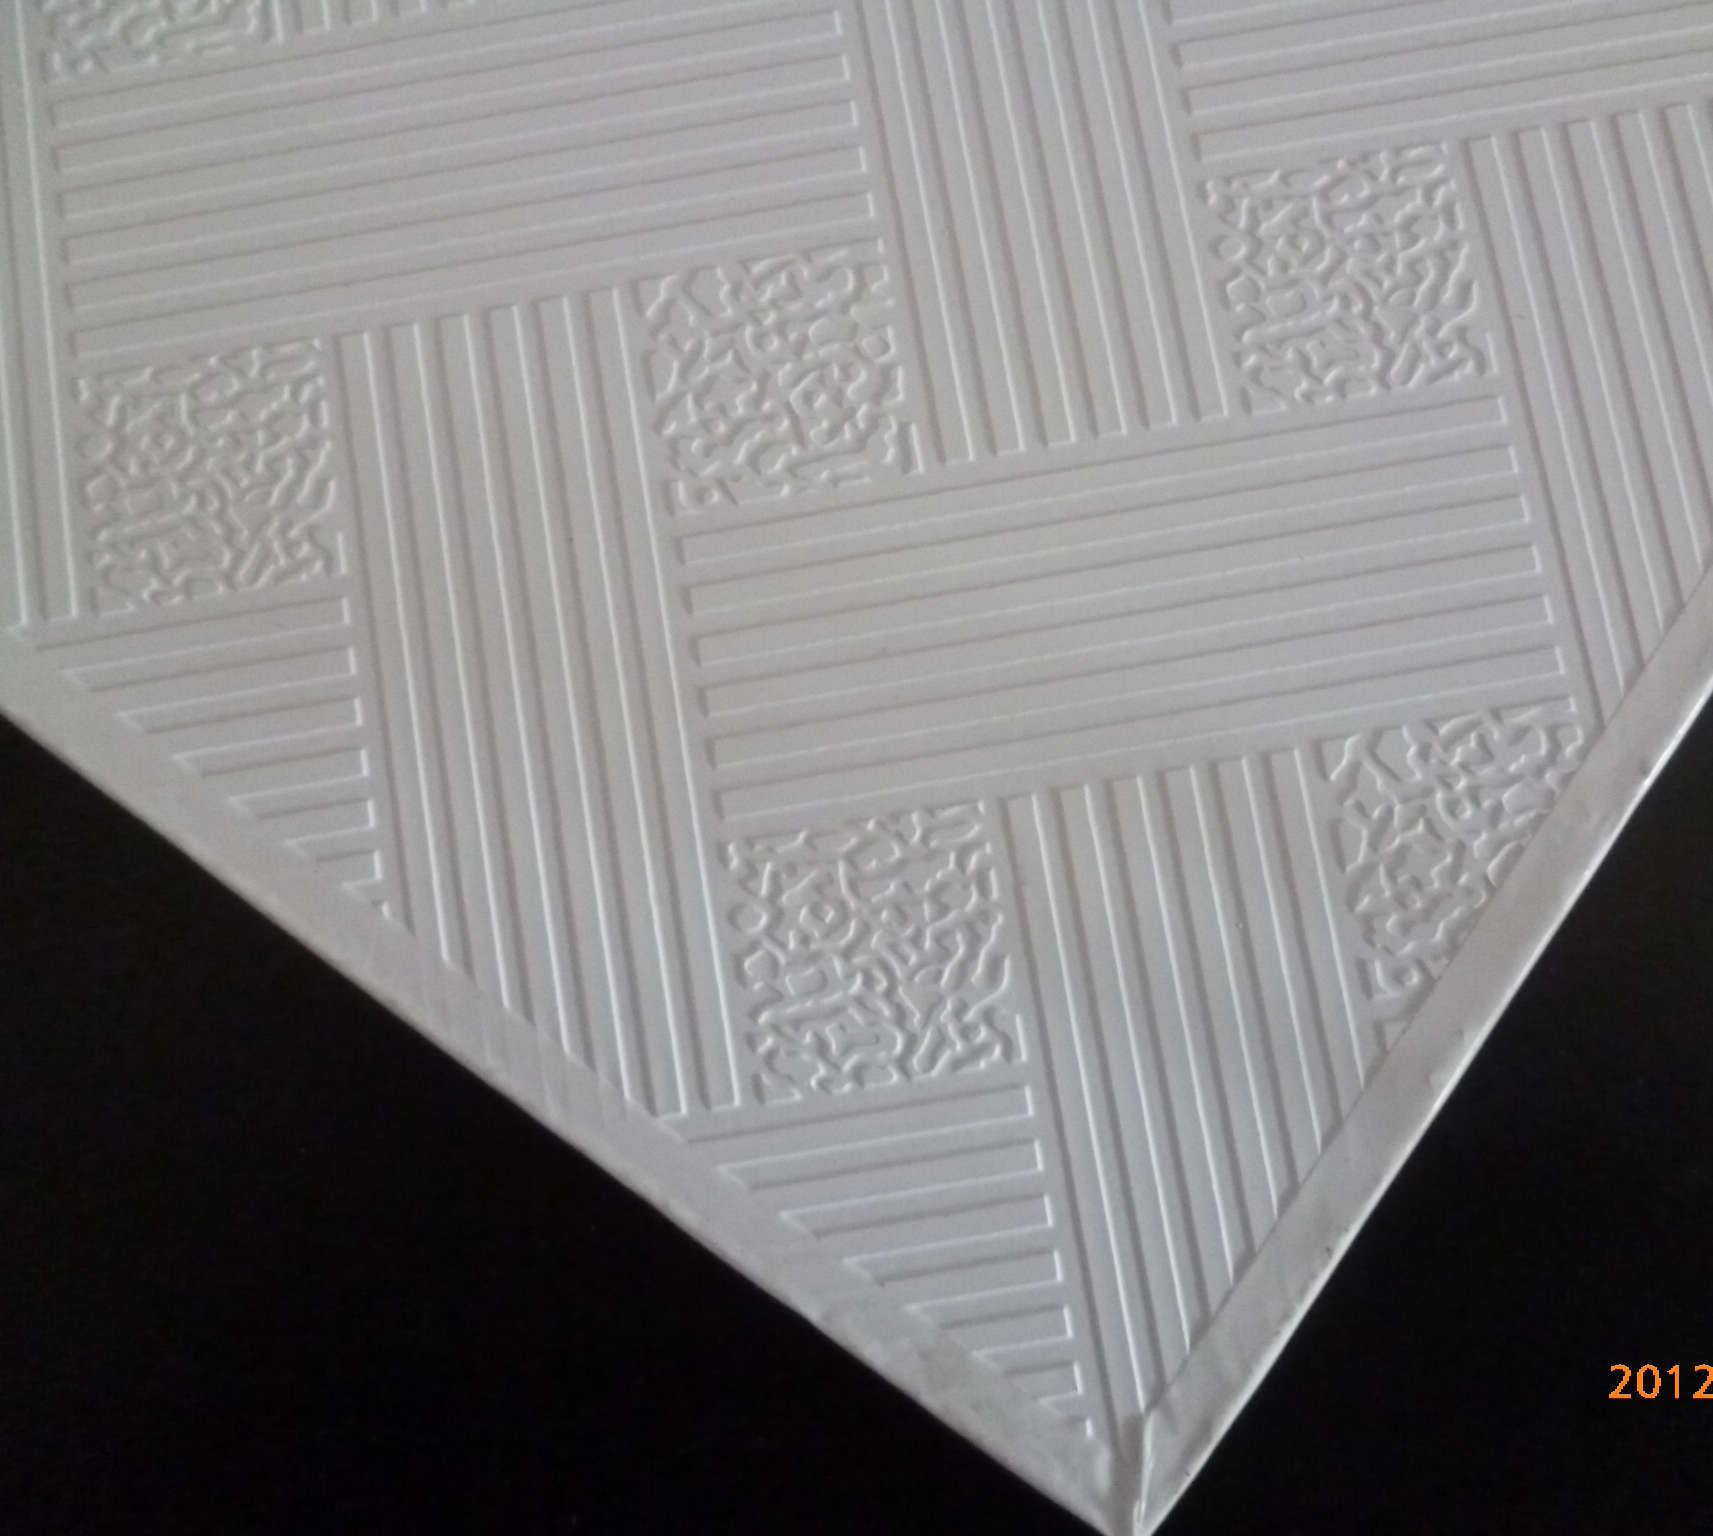 China Pvc Coated Gypsum Ceiling Tile China Pvc Gypsum Board Pvc